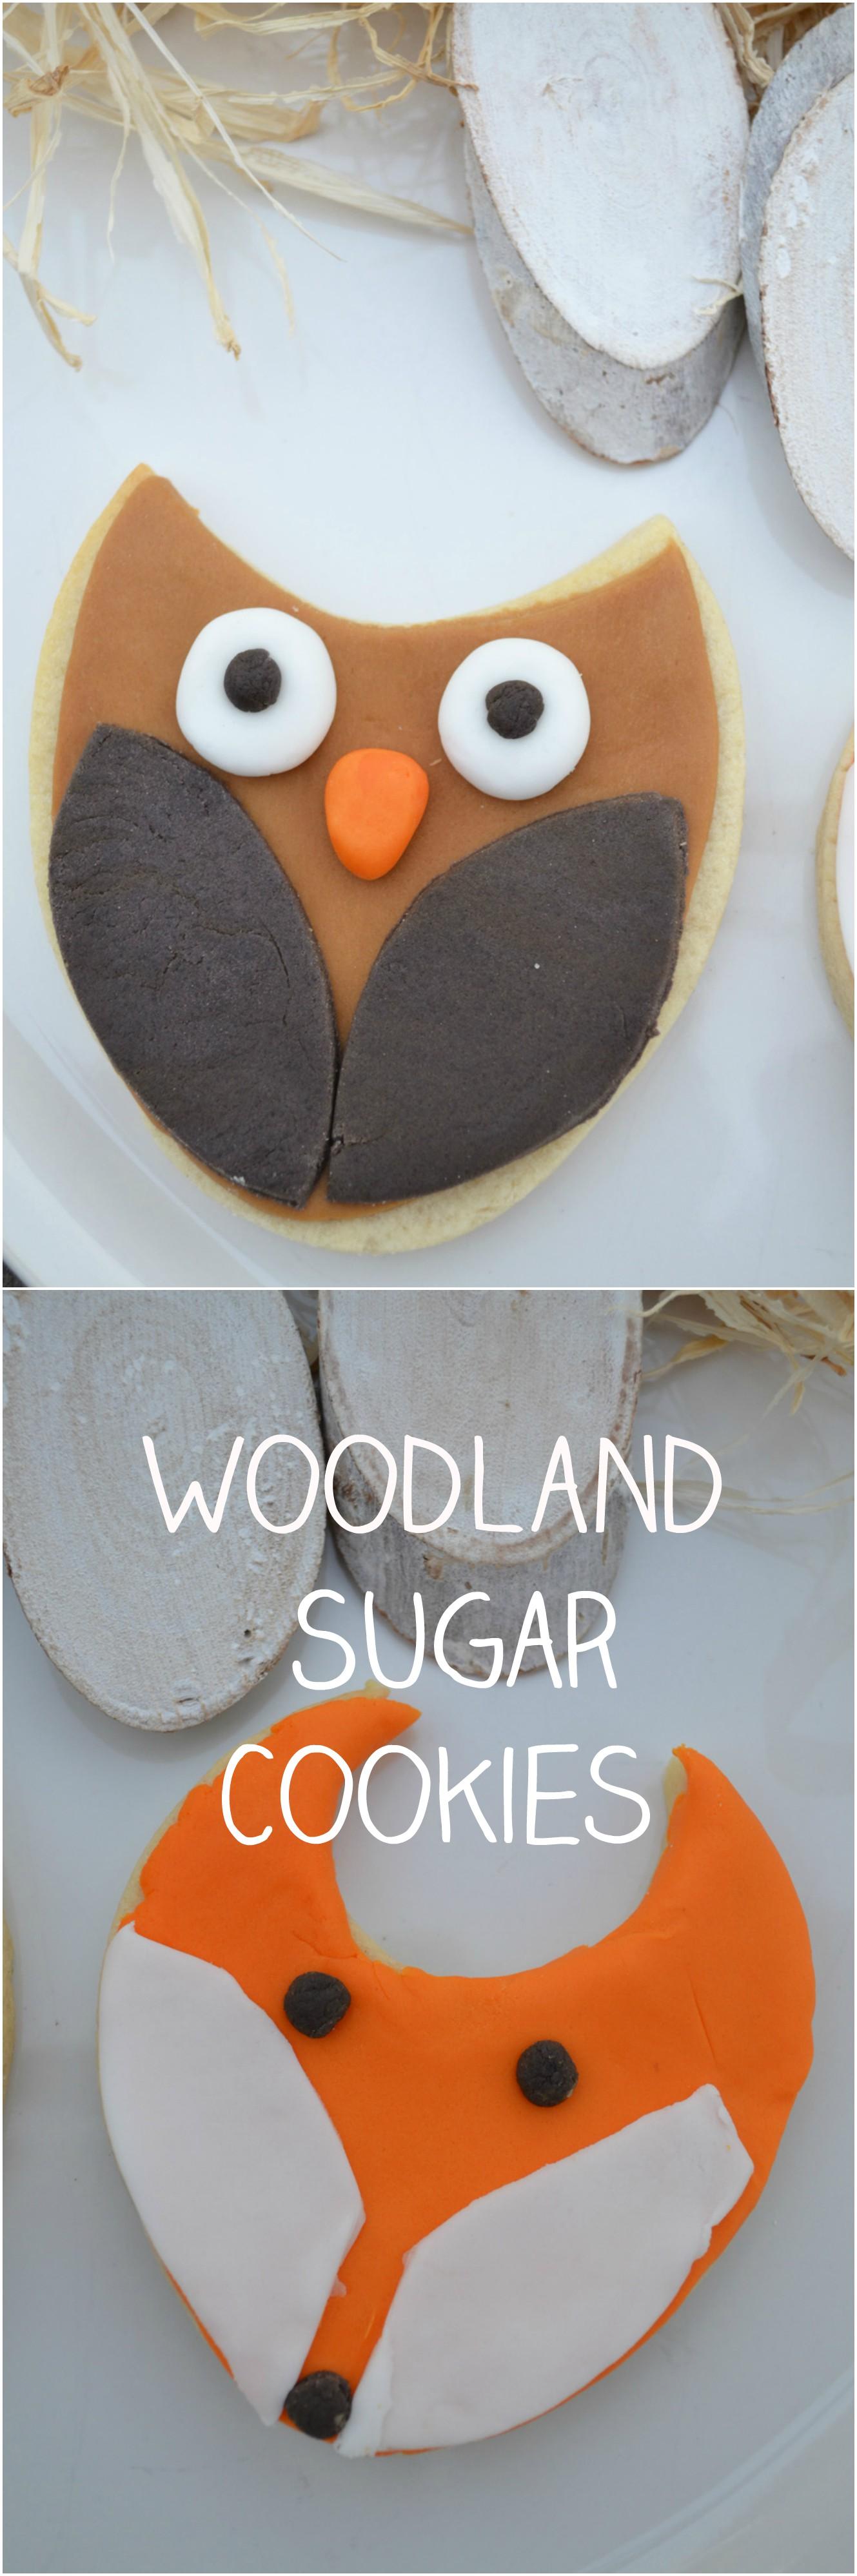 Woodland Sugar Cookies Tutorial